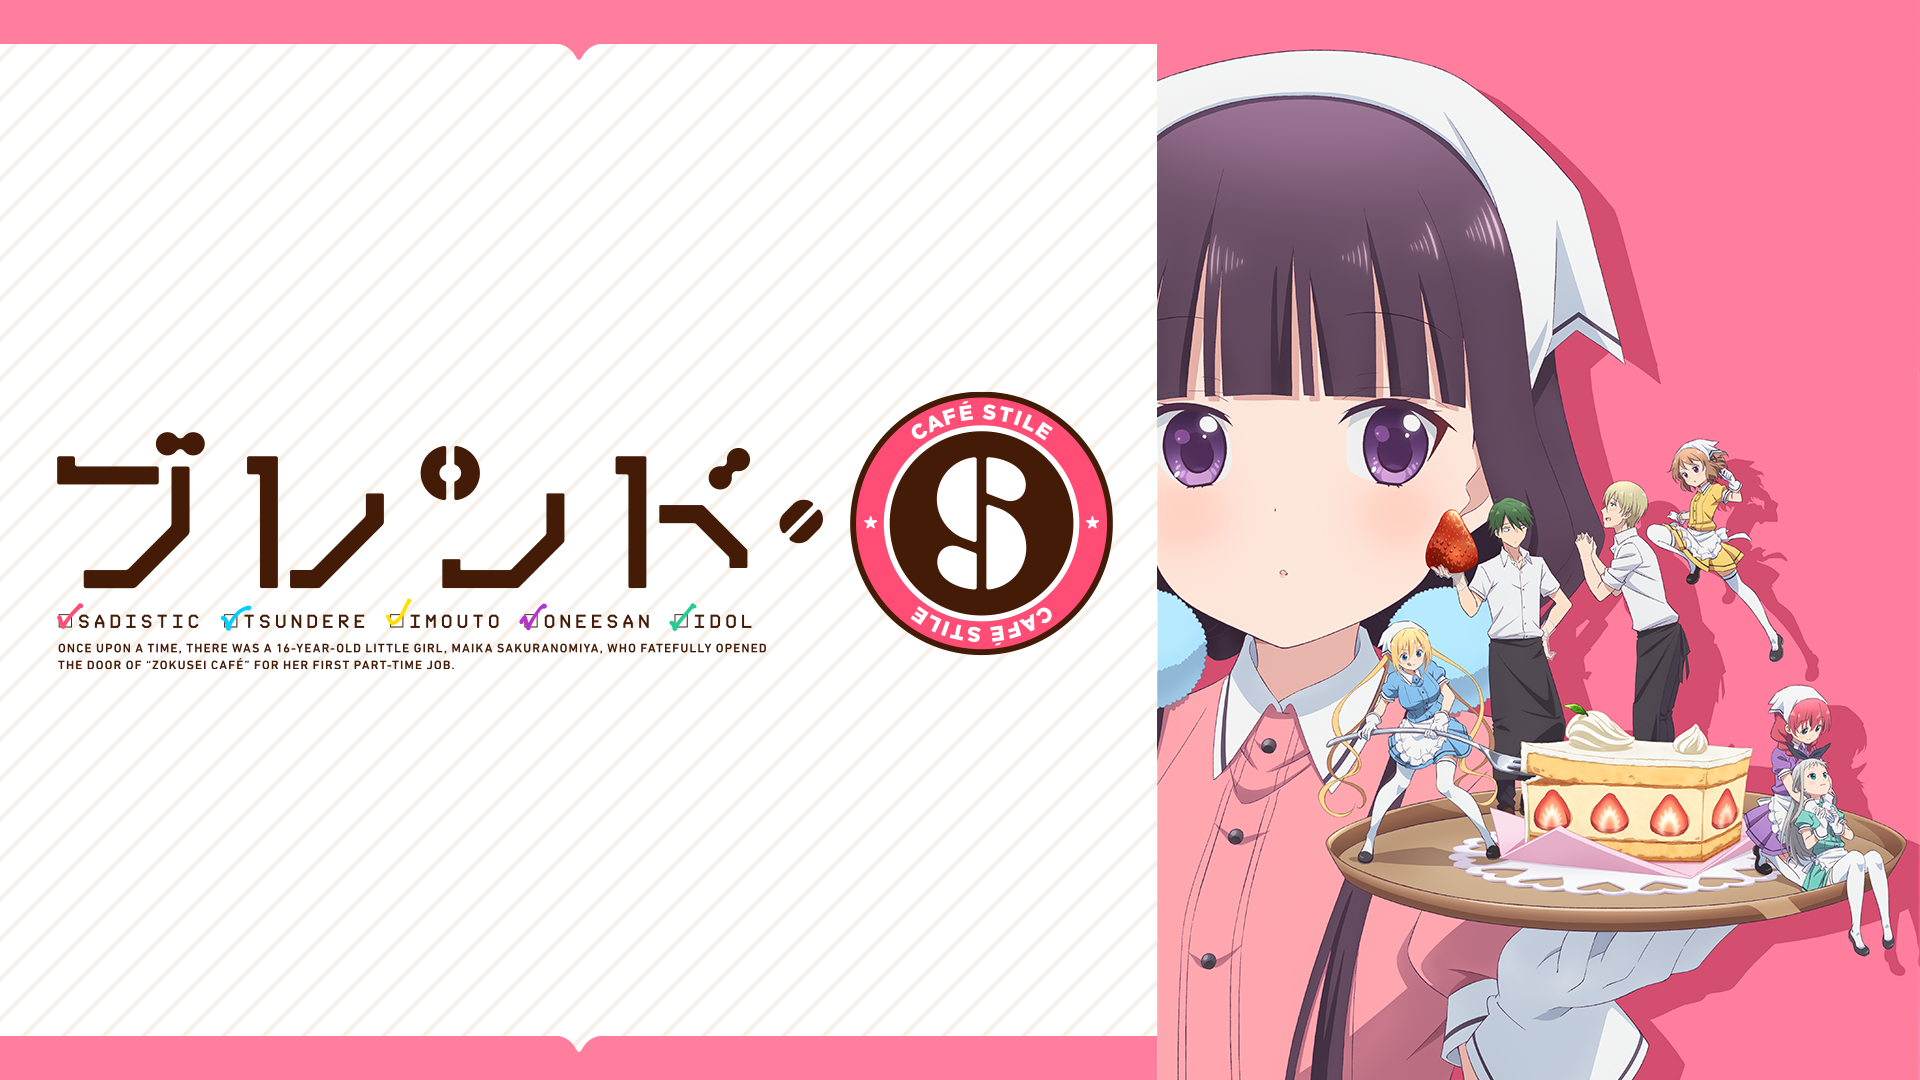 ブレンド S 2019年秋アニメ 新作アニメラインナップ Abemaアニメ